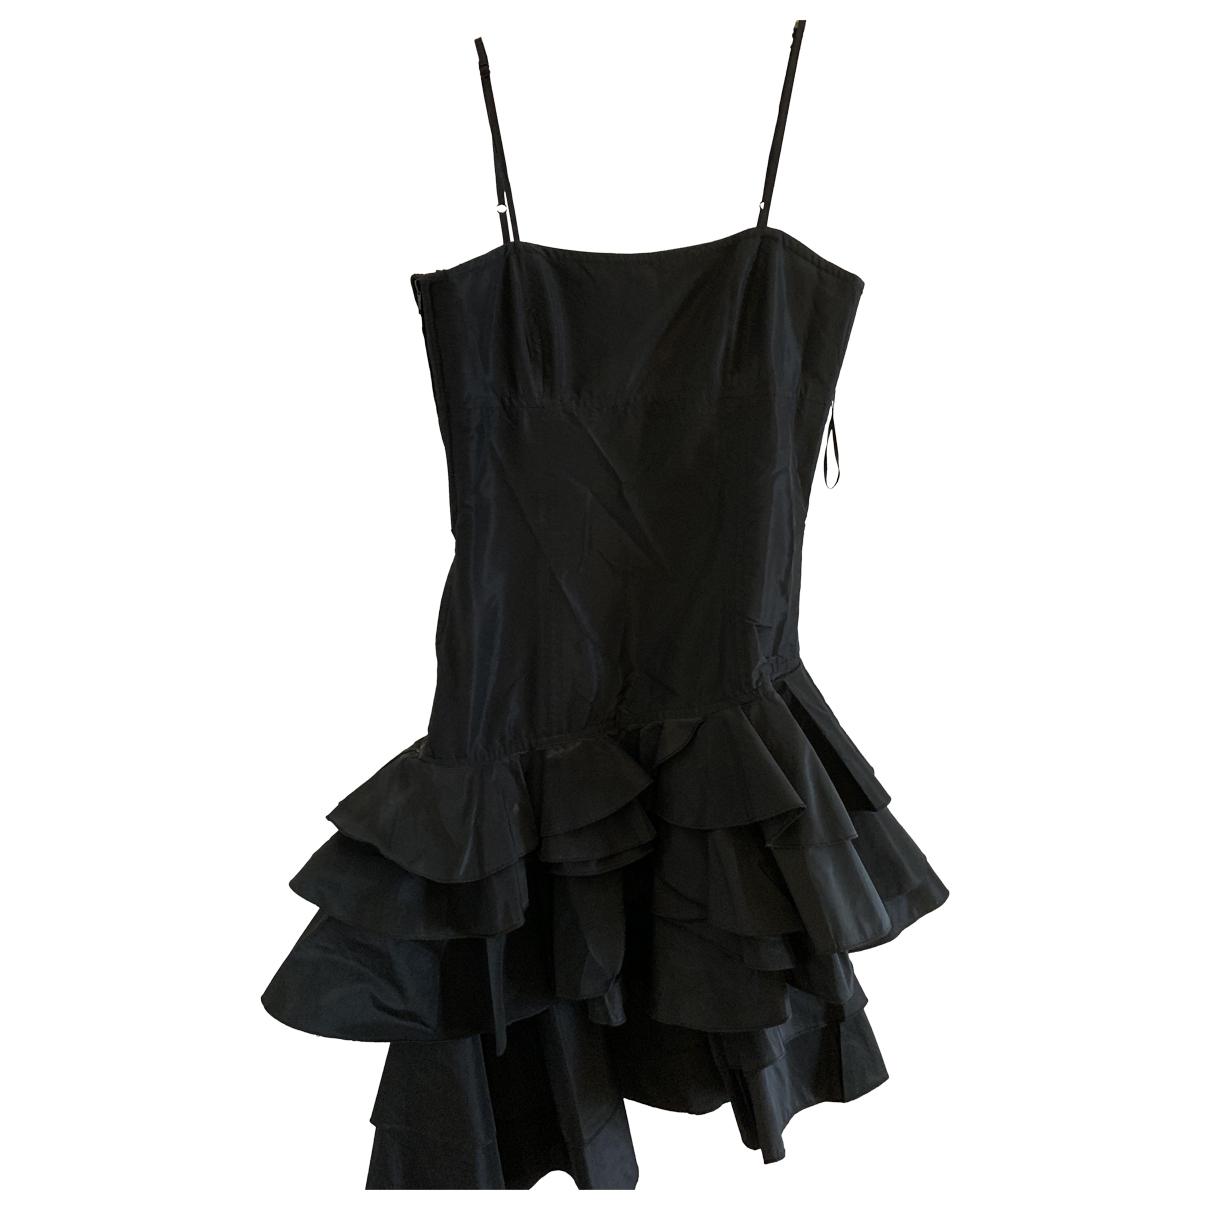 Vanessa Bruno \N Black dress for Women 36 FR